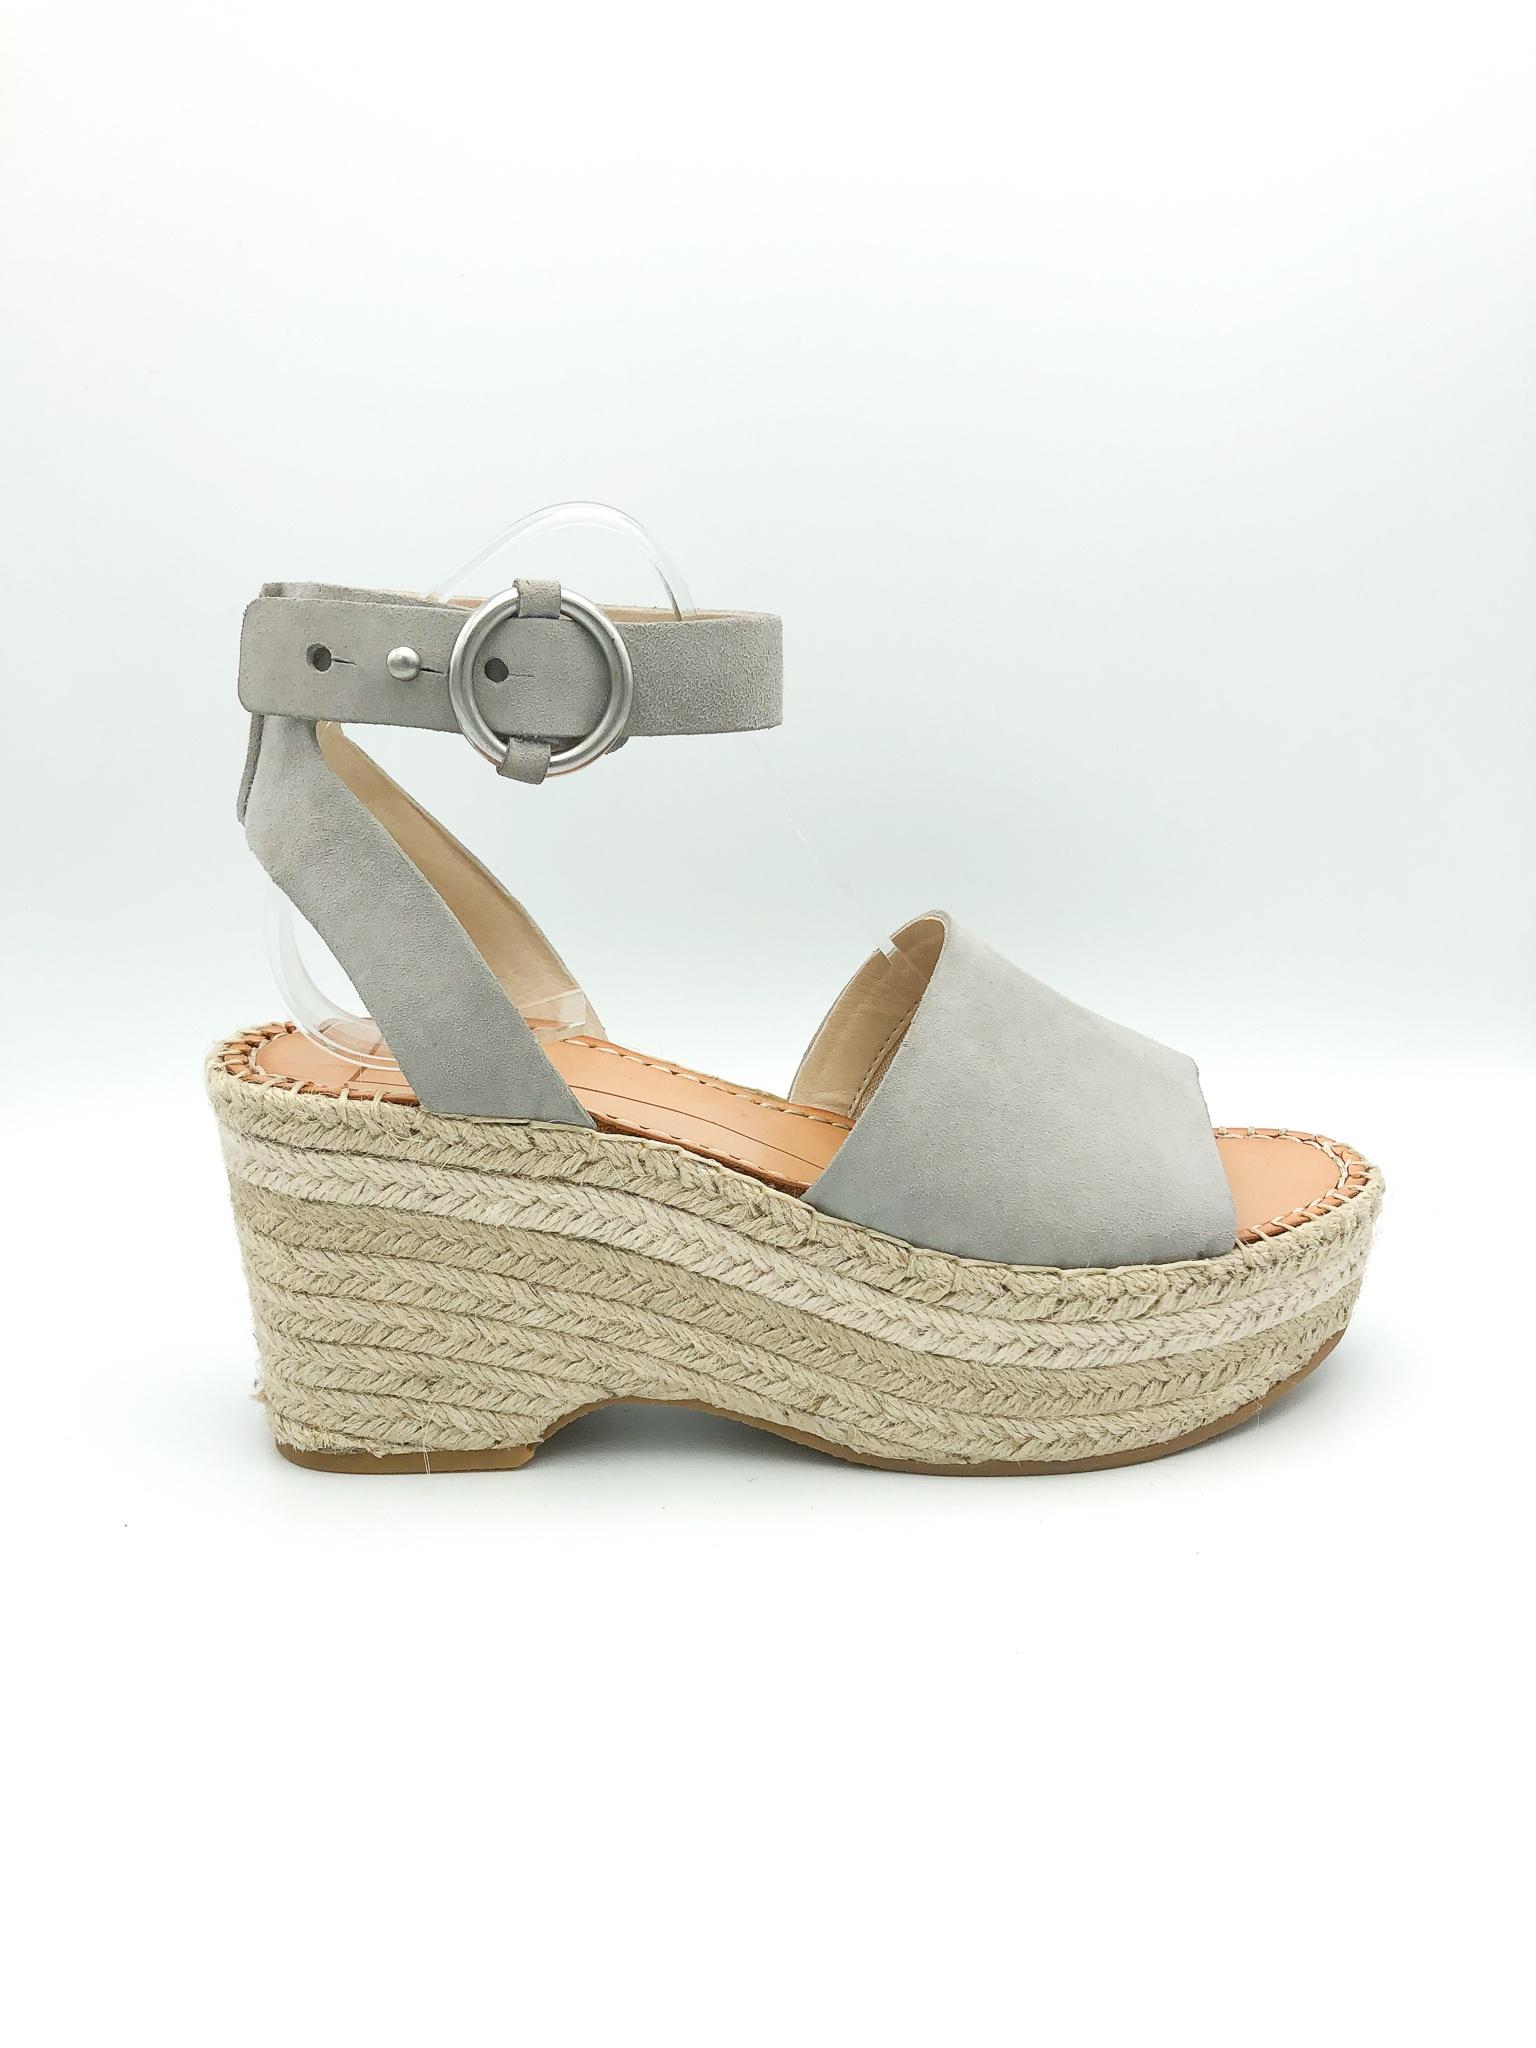 3ac5fed9f1 DOLCE VITA - LESLY WEDGE IN GREY - the Urban Shoe Myth